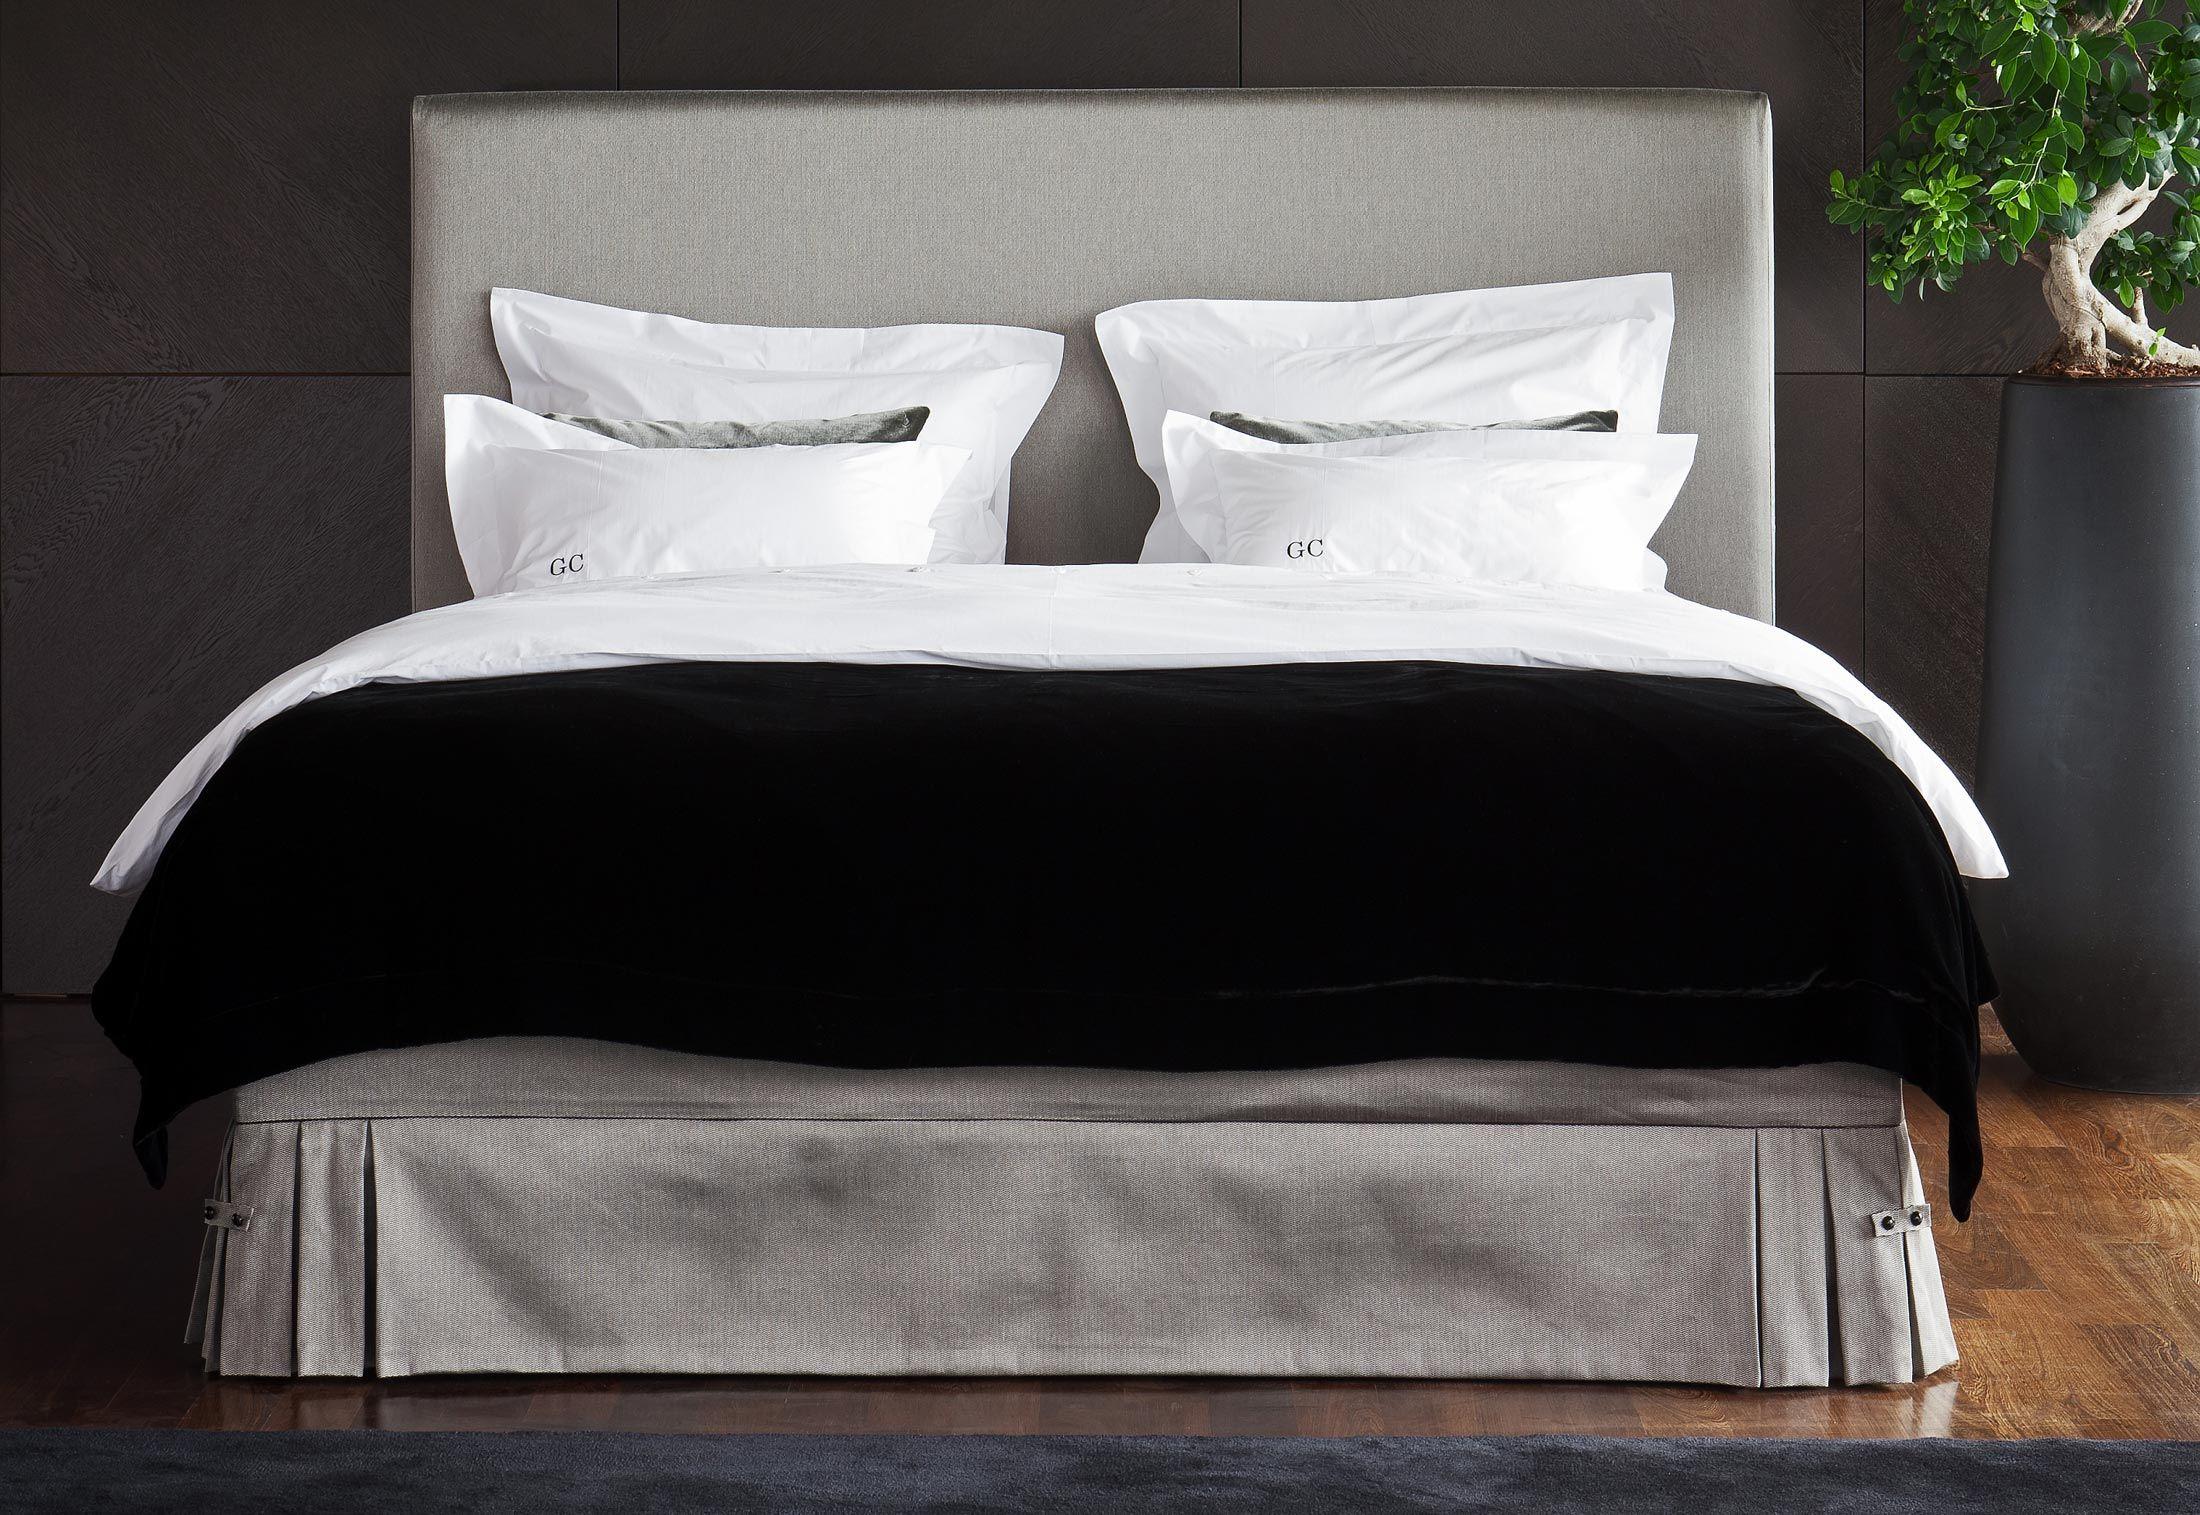 schramm betten   Bett, Schramm betten